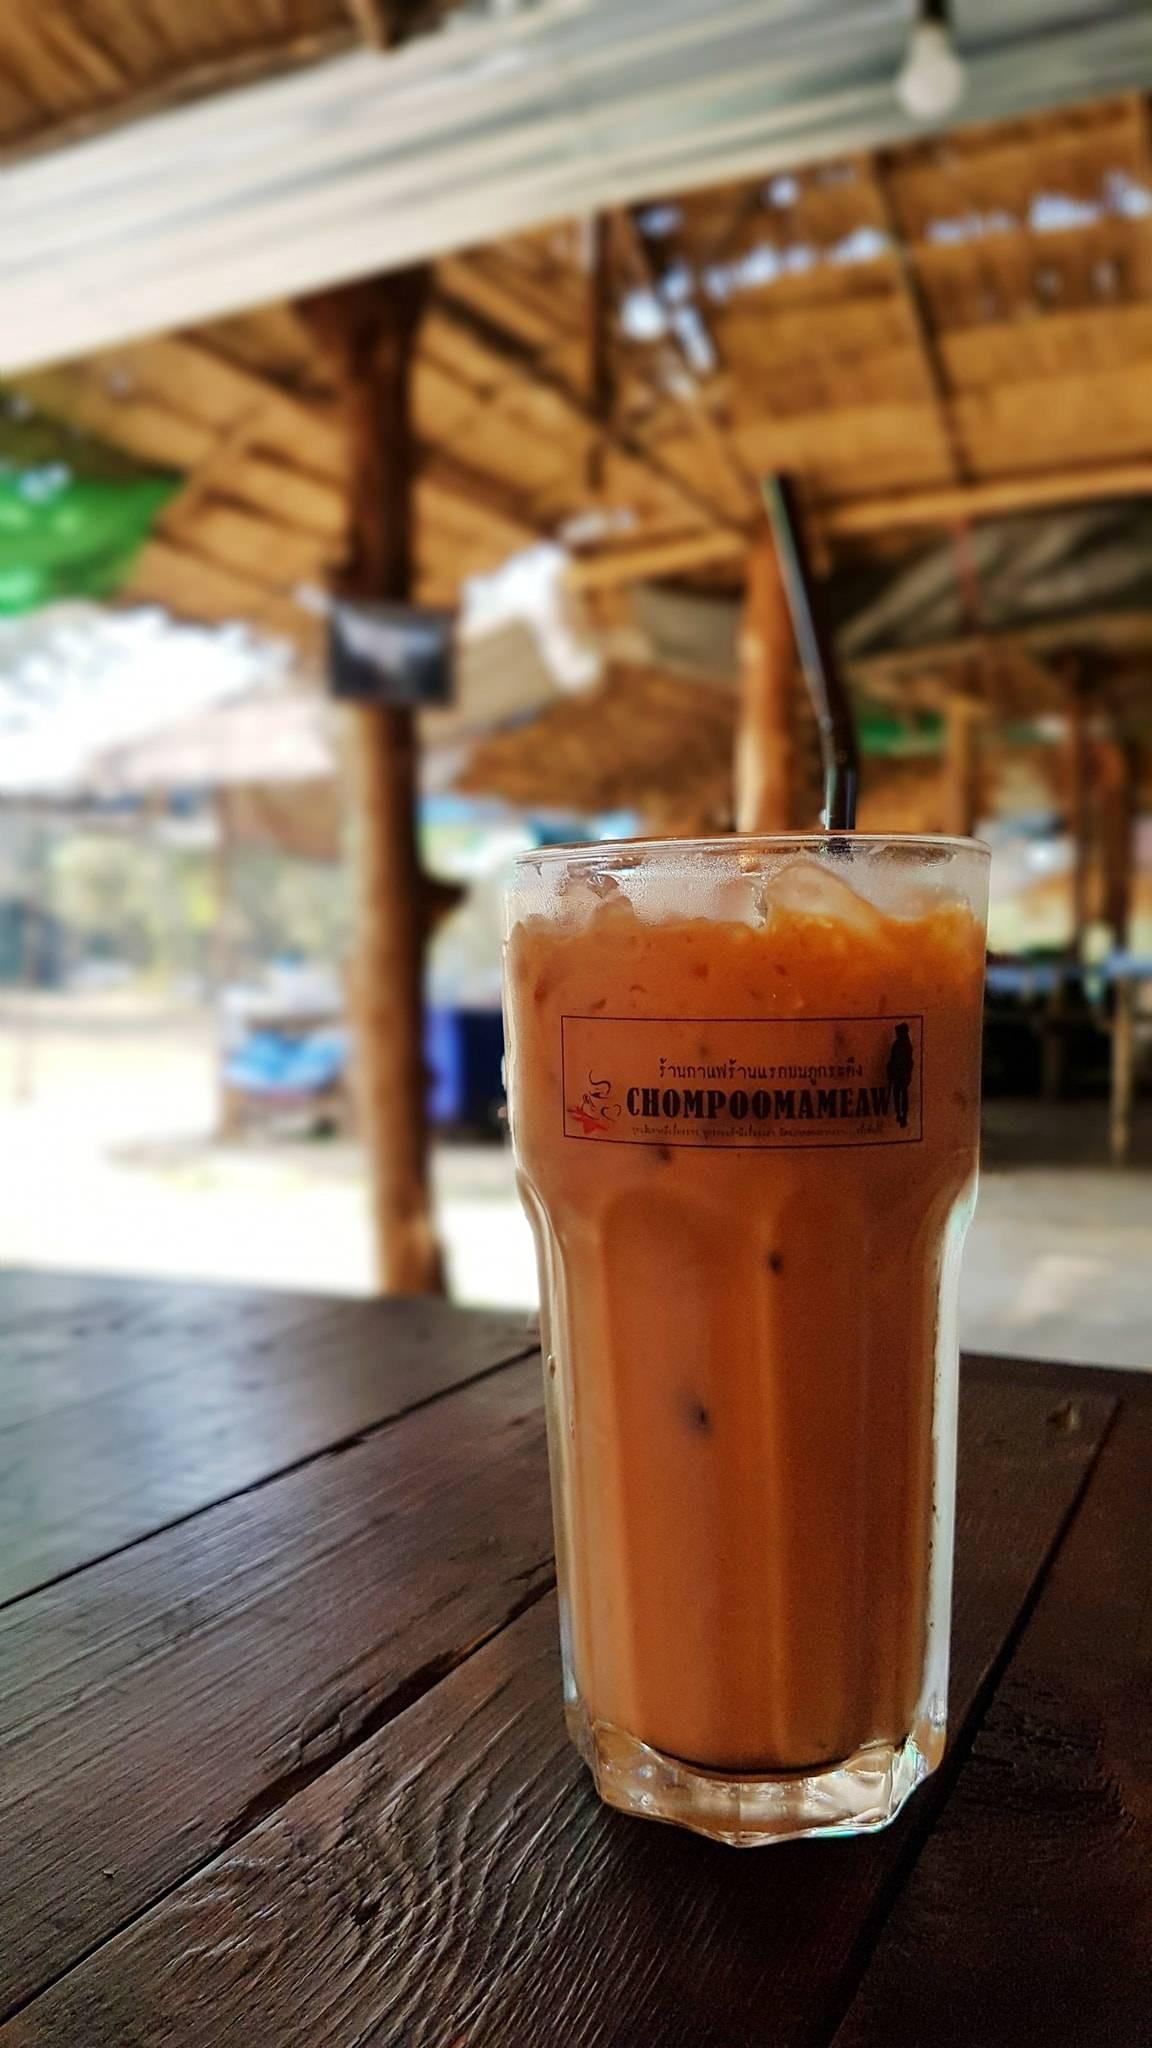 ชา กาแฟเย็น.. ชื่นใจ ที่ร้านกาแฟ ชมพู่มะเหมี่ยม @ผาหล่มสัก